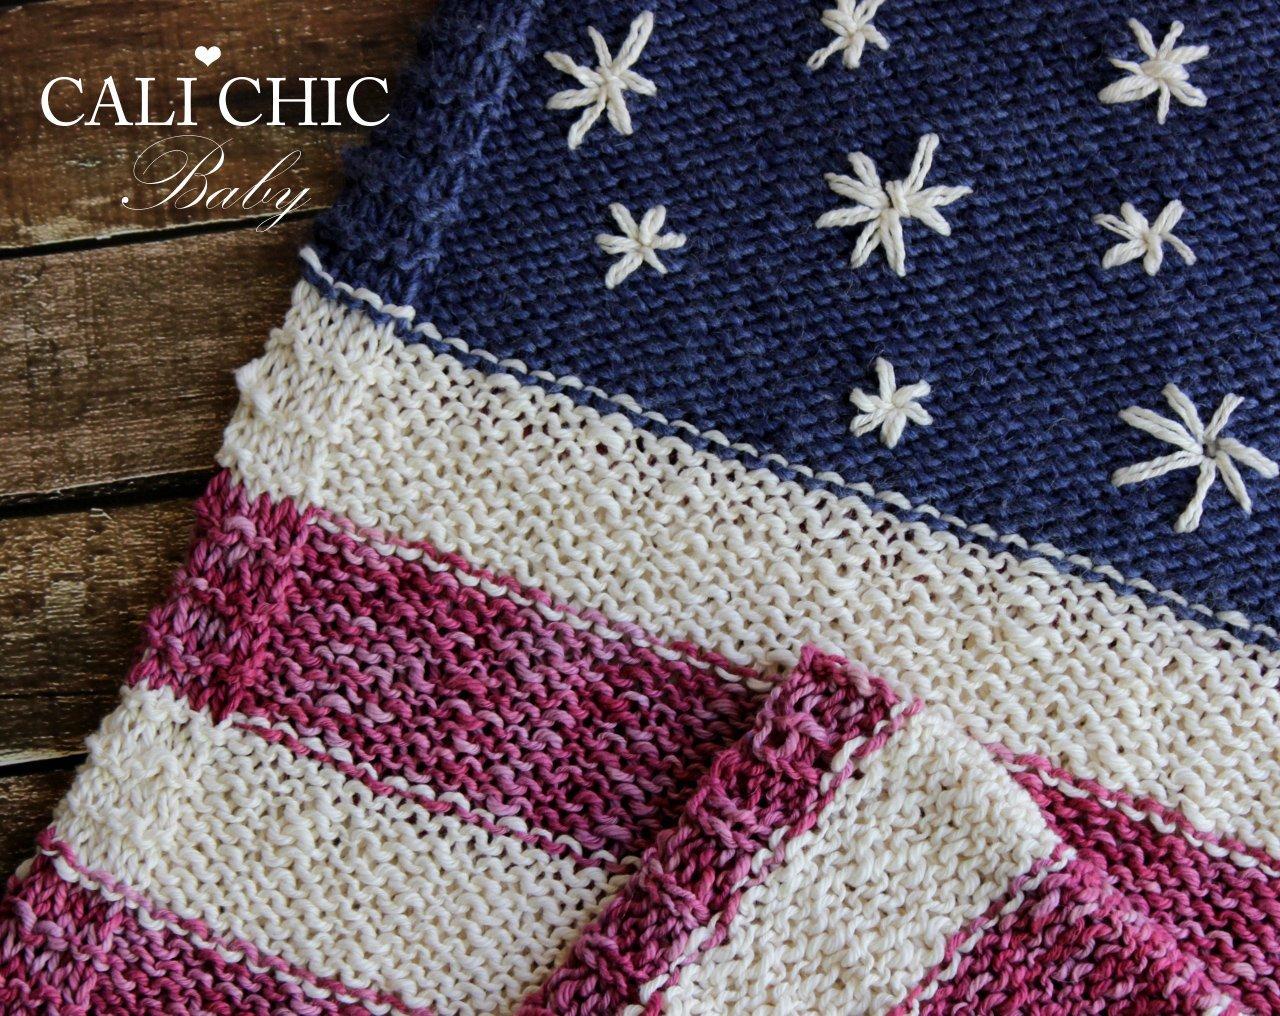 Stars Stripesknitbaby Blanketpattern 76 Cali Chic Baby